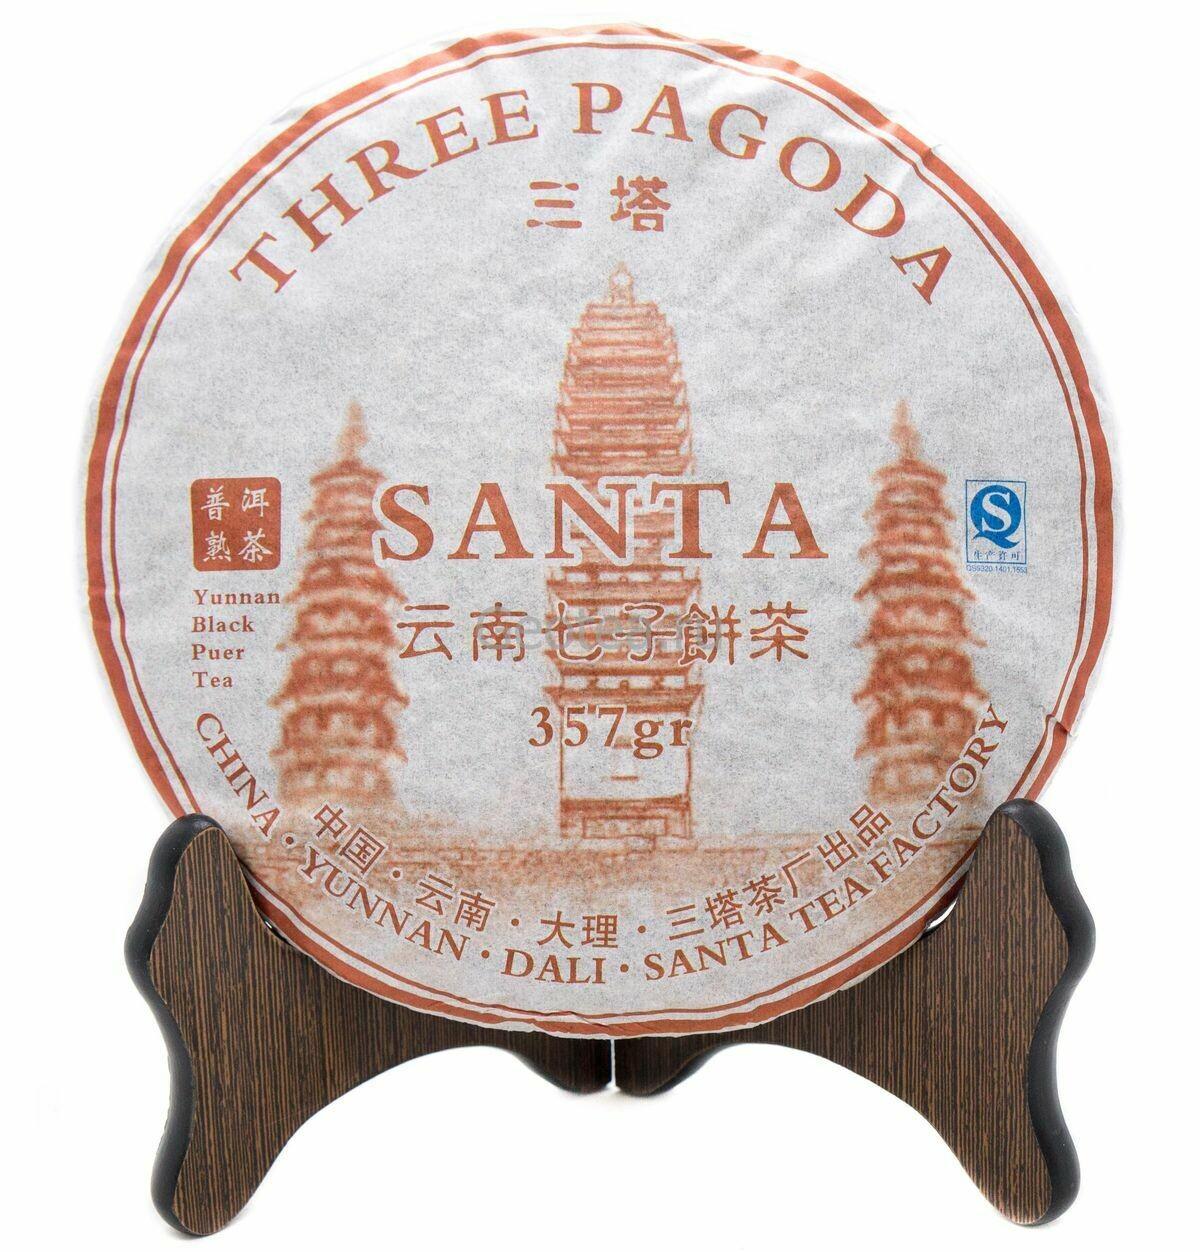 """Чай Шу Пуэр Саньта """"Три пагоды"""" 357гр., 2019г."""